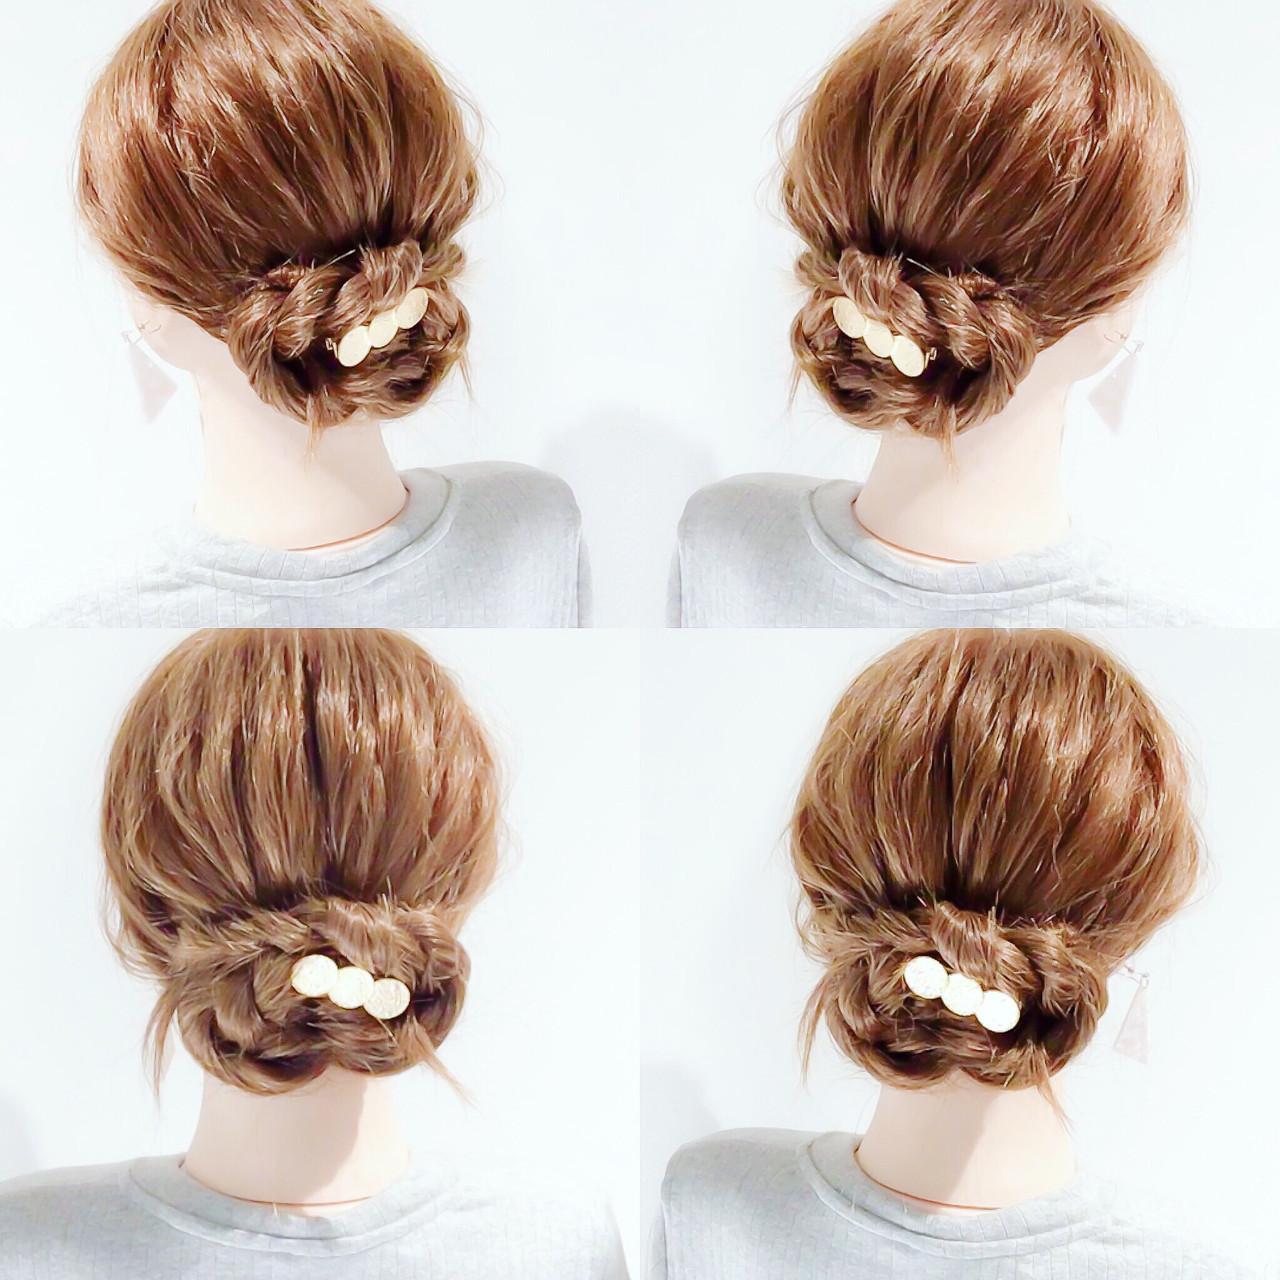 ヘアアレンジ 簡単ヘアアレンジ アップスタイル ロング ヘアスタイルや髪型の写真・画像